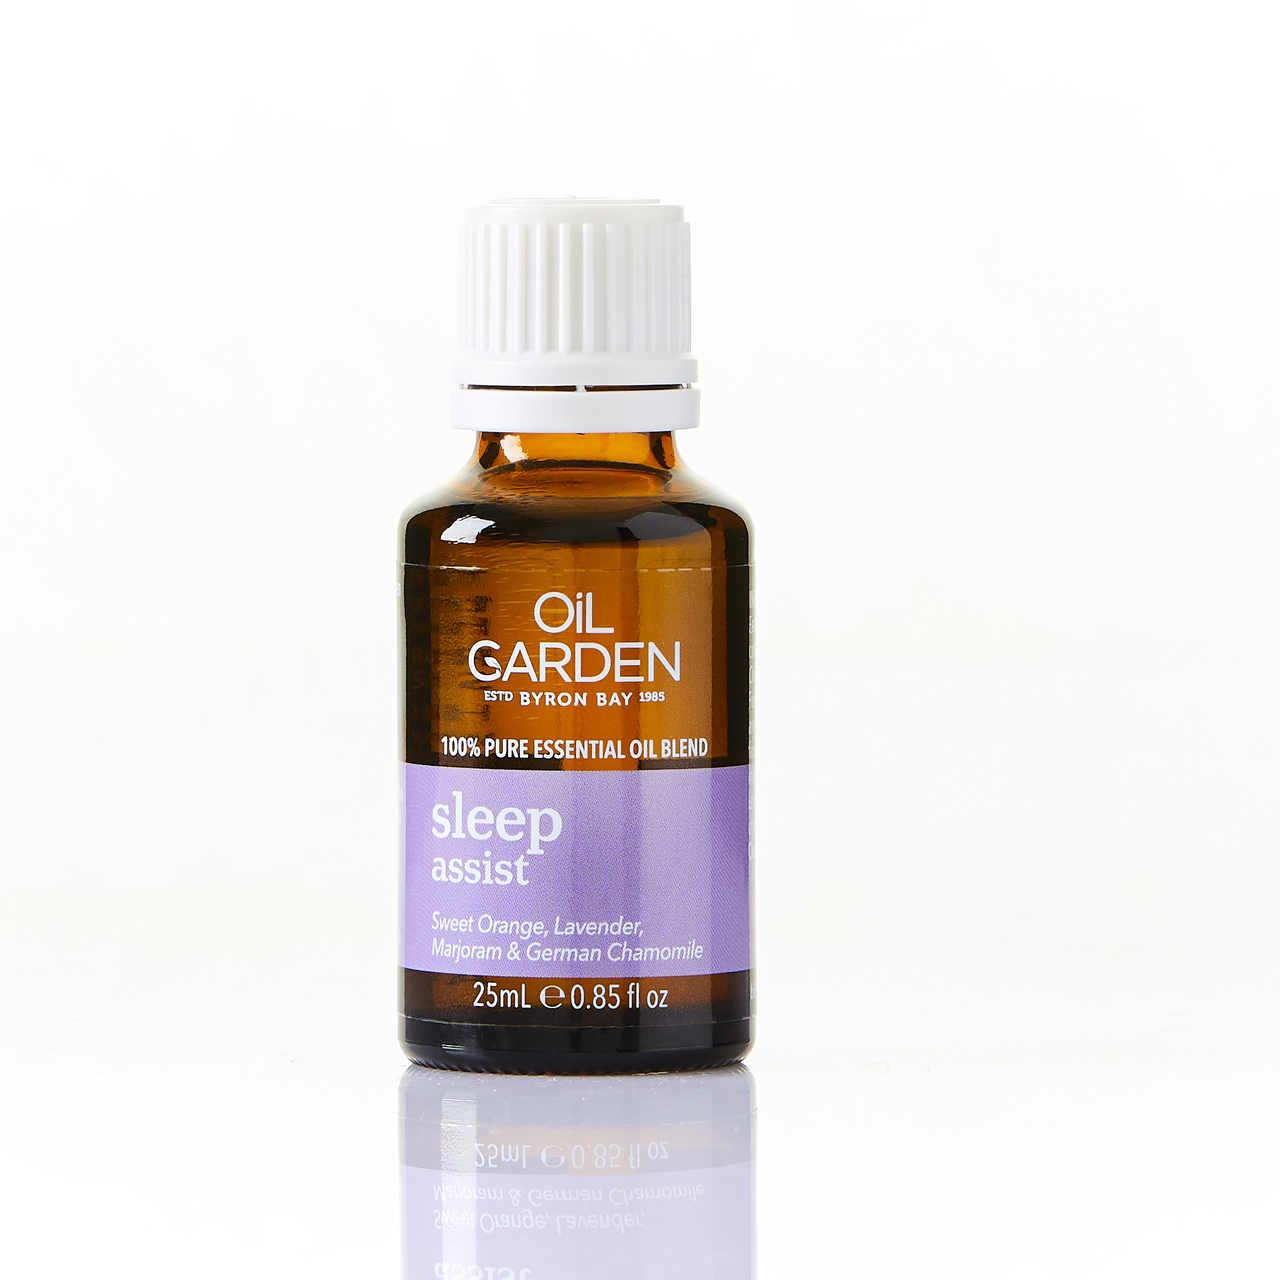 Oil Garden Sleep Assist Essential Oil Blend 25mL 6691342